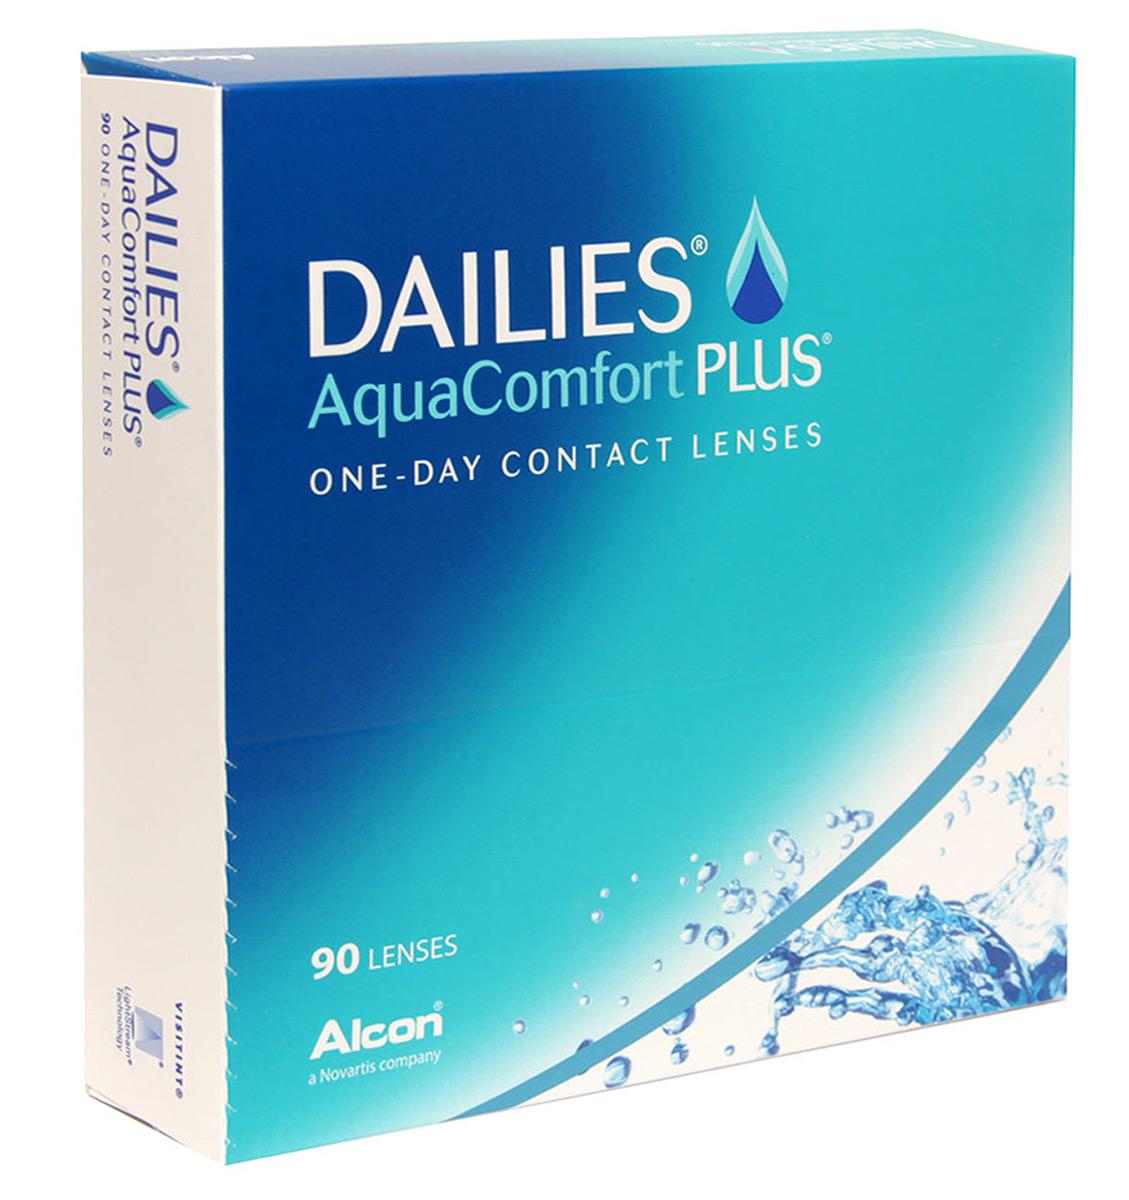 Alcon-CIBA Vision контактные линзы Dailies AquaComfort Plus (90шт / 8.7 / 14.0 / -2.25)12094Dailies AquaComfort Plus - это одни из самых популярных однодневных линз производства компании Ciba Vision. Эти линзы пользуются огромной популярностью во всем мире и являются на сегодняшний день самыми безопасными контактными линзами. Изготавливаются линзы из современного, 100% безопасного материала нелфилкон А. Особенность этого материала в том, что он легко пропускает воздух и хорошо сохраняет влагу. Однодневные контактные линзы Dailies AquaComfort Plus не нуждаются в дополнительном уходе и затратах, каждый день вы надеваете свежую пару линз. Дизайн линзы биосовместимый, что гарантирует безупречный комфорт. Самое главное достоинство Dailies AquaComfort Plus - это их уникальная система увлажнения. Благодаря этой разработке линзы увлажняются тремя различными агентами. Первый компонент, ухаживающий за линзами, находится в растворе, он как бы обволакивает линзу, обеспечивая чрезвычайно комфортное надевание. Второй агент выделяется на протяжении всего дня, он непрерывно смачивает линзы. Третий - увлажняющий агент, выделяется во время моргания, благодаря ему поддерживается постоянный комфорт. Также линзы имеют УФ-фильтр, который будет заботиться о ваших глазах. Dailies AquaComfort Plus - одни из лучших линз в своей категории. Всемирно известная компания Ciba Vision, создавая эти контактные линзы, попыталась учесть все потребности пациентов и ей это удалось! Характеристики:Материал: нелфилкон А. Кривизна: 8.7. Оптическая сила: - 2.25. Содержание воды: 69%. Диаметр: 14 мм. Количество линз: 90 шт. Размер упаковки: 15 см х 5 см х 3 см. Производитель: США. Товар сертифицирован.Контактные линзы или очки: советы офтальмологов. Статья OZON Гид